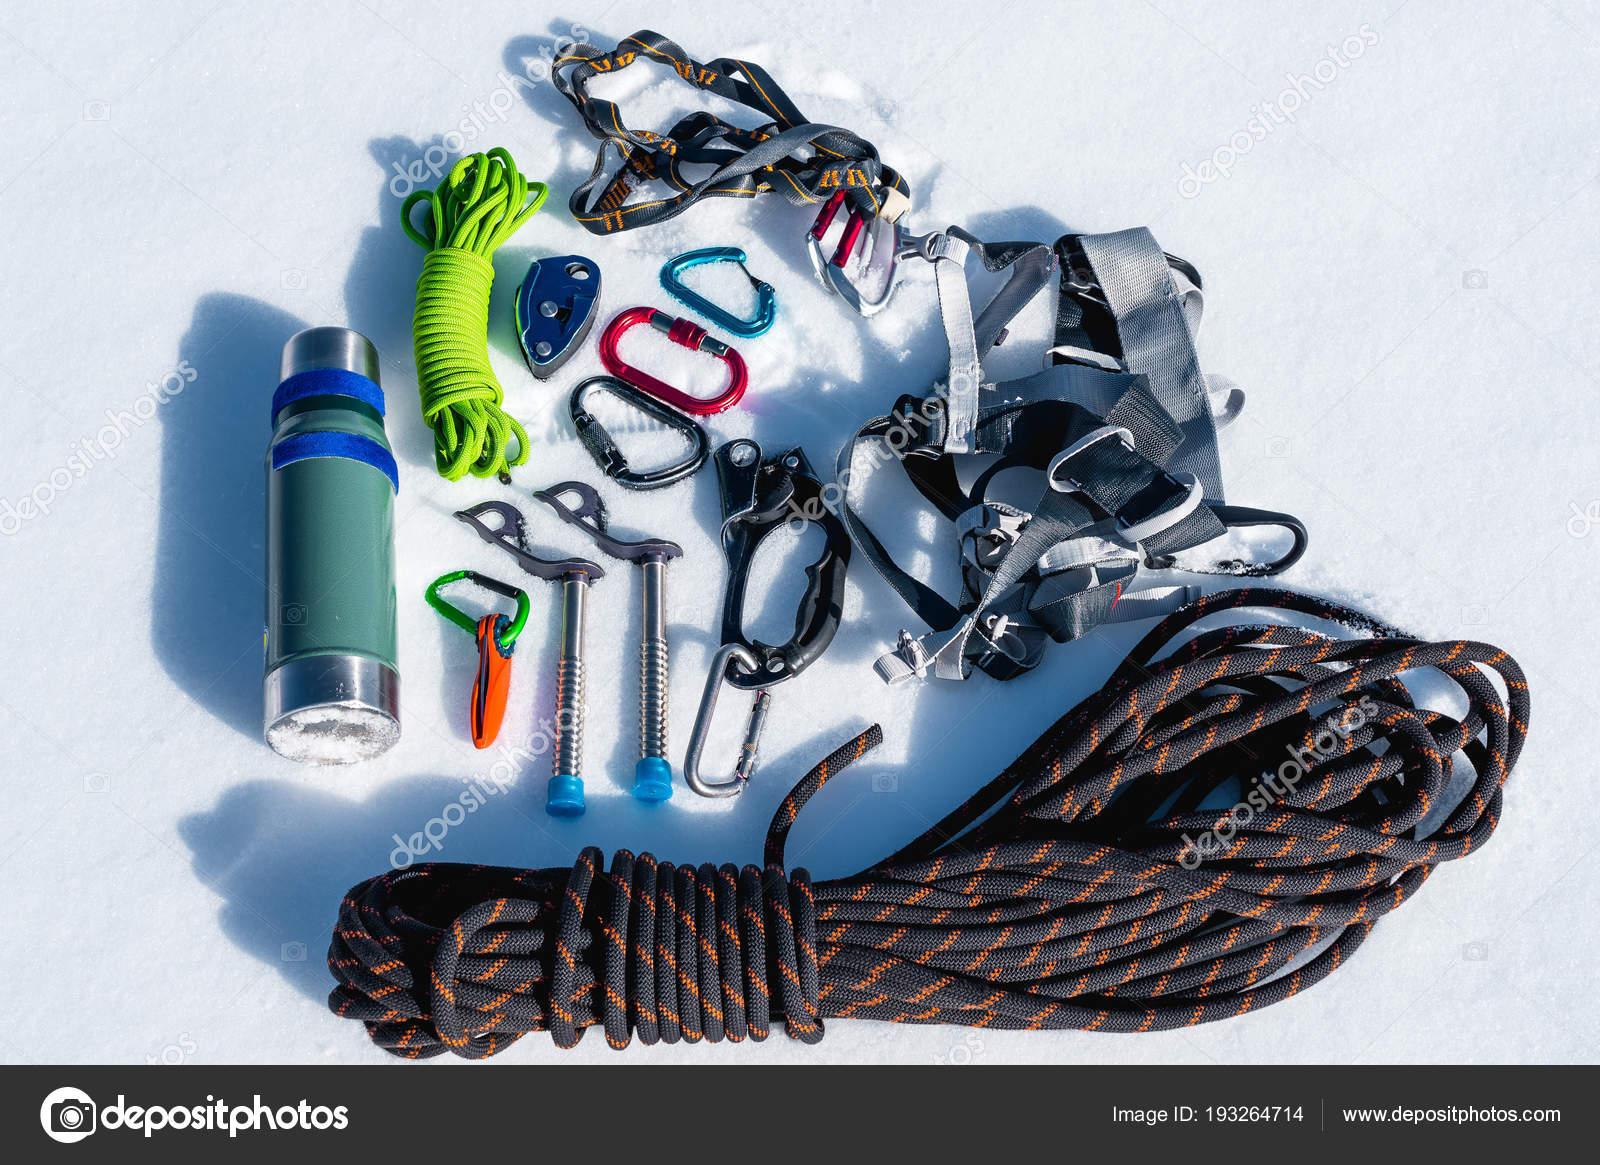 Kletterausrüstung Sale : Nahaufnahme des winters kletterausrüstung bei neuschnee an einem